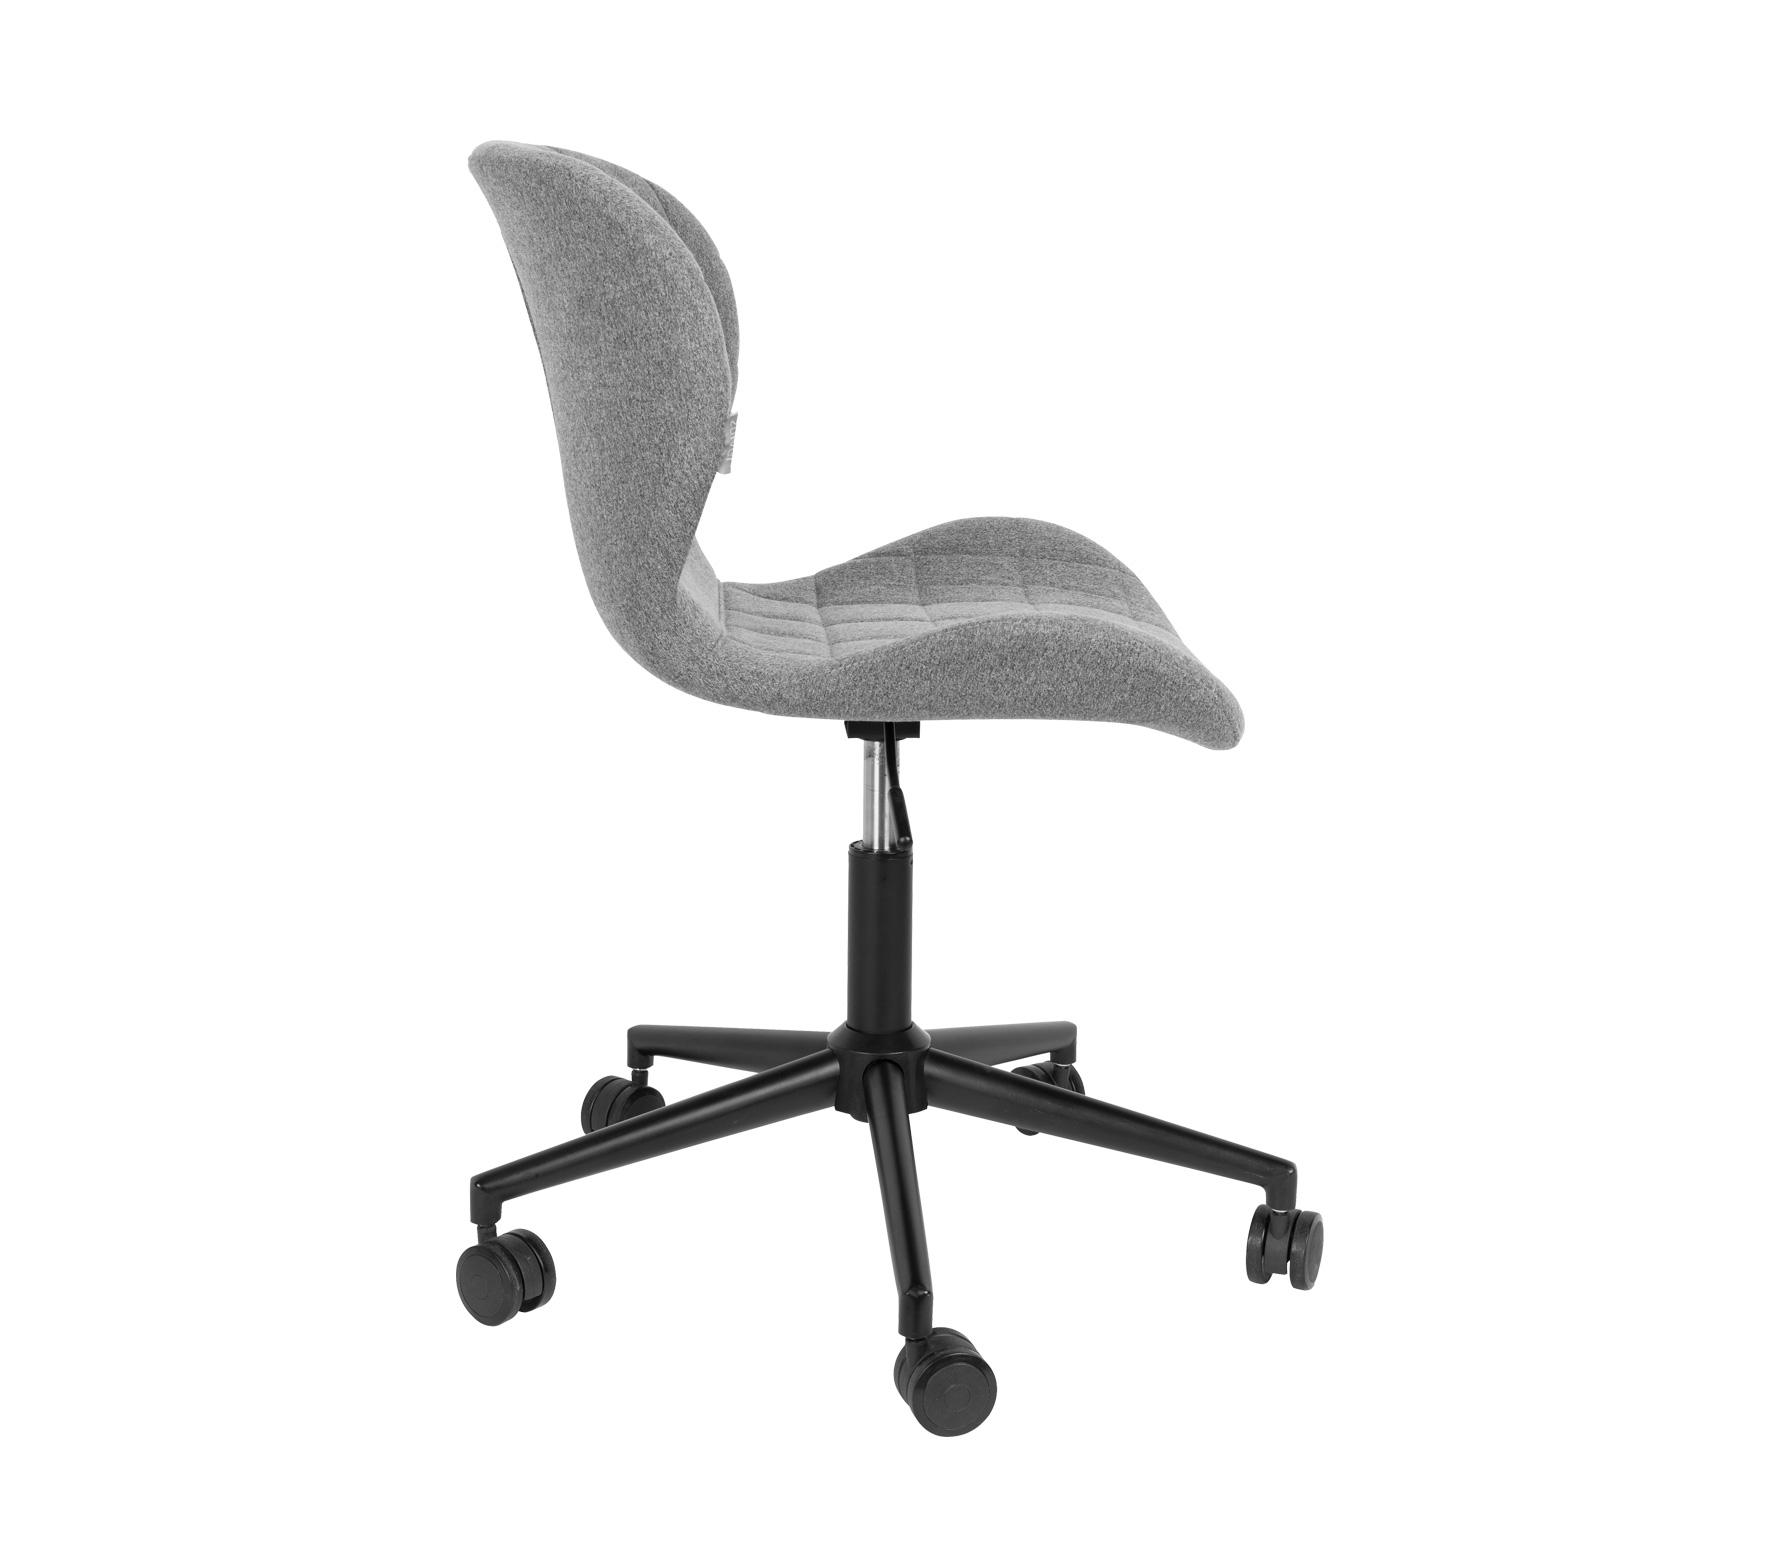 Zuiver OMG bureaustoel grijs zwart vrijstaand zijkant